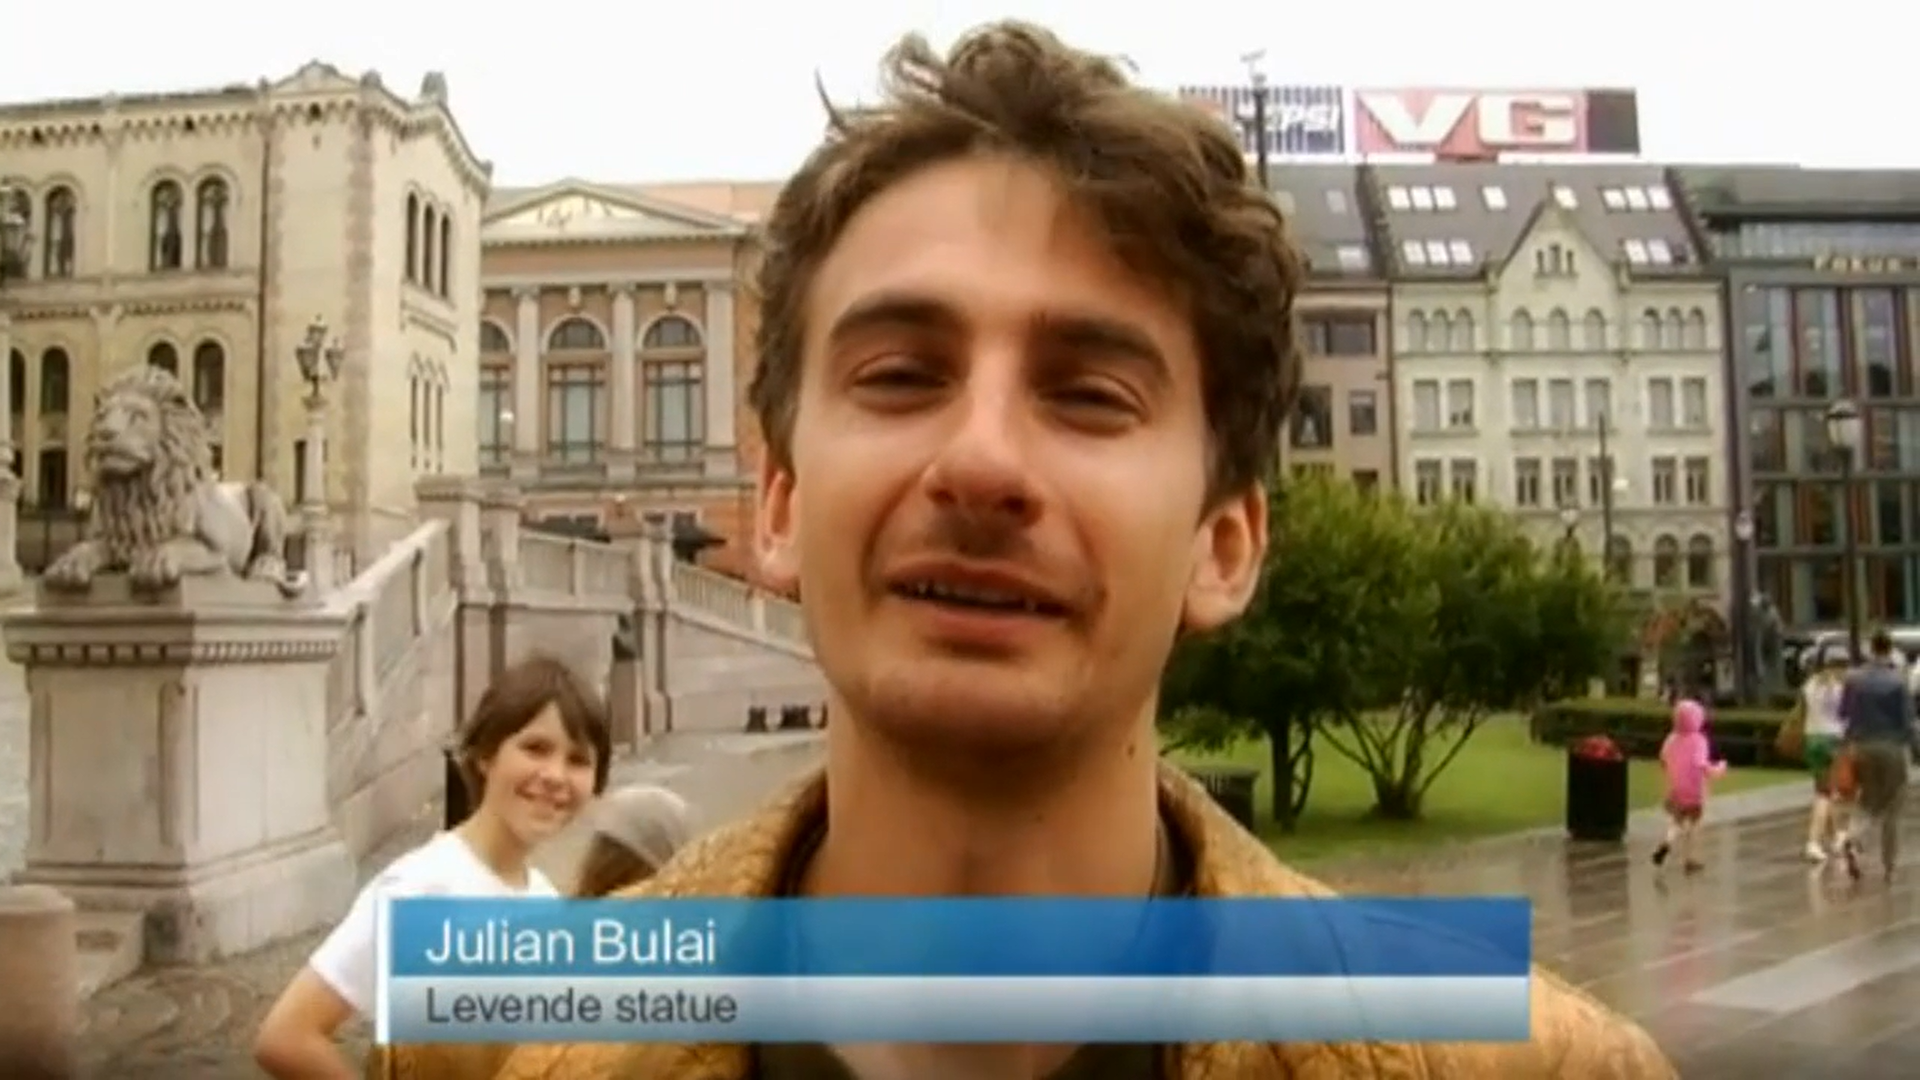 VIDEO: Iulian Bulai a fost cerșetor la Oslo înainte de a ajunge parlamentar USR-PLUS. Rețele de crimă organizată controlează cerșetoria în Norvegia